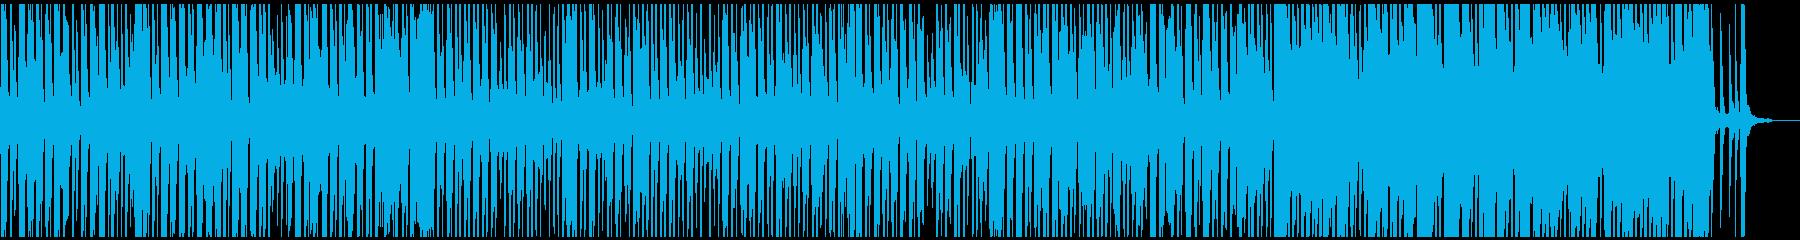 ジプシースイングスタイルの甘くて魅...の再生済みの波形